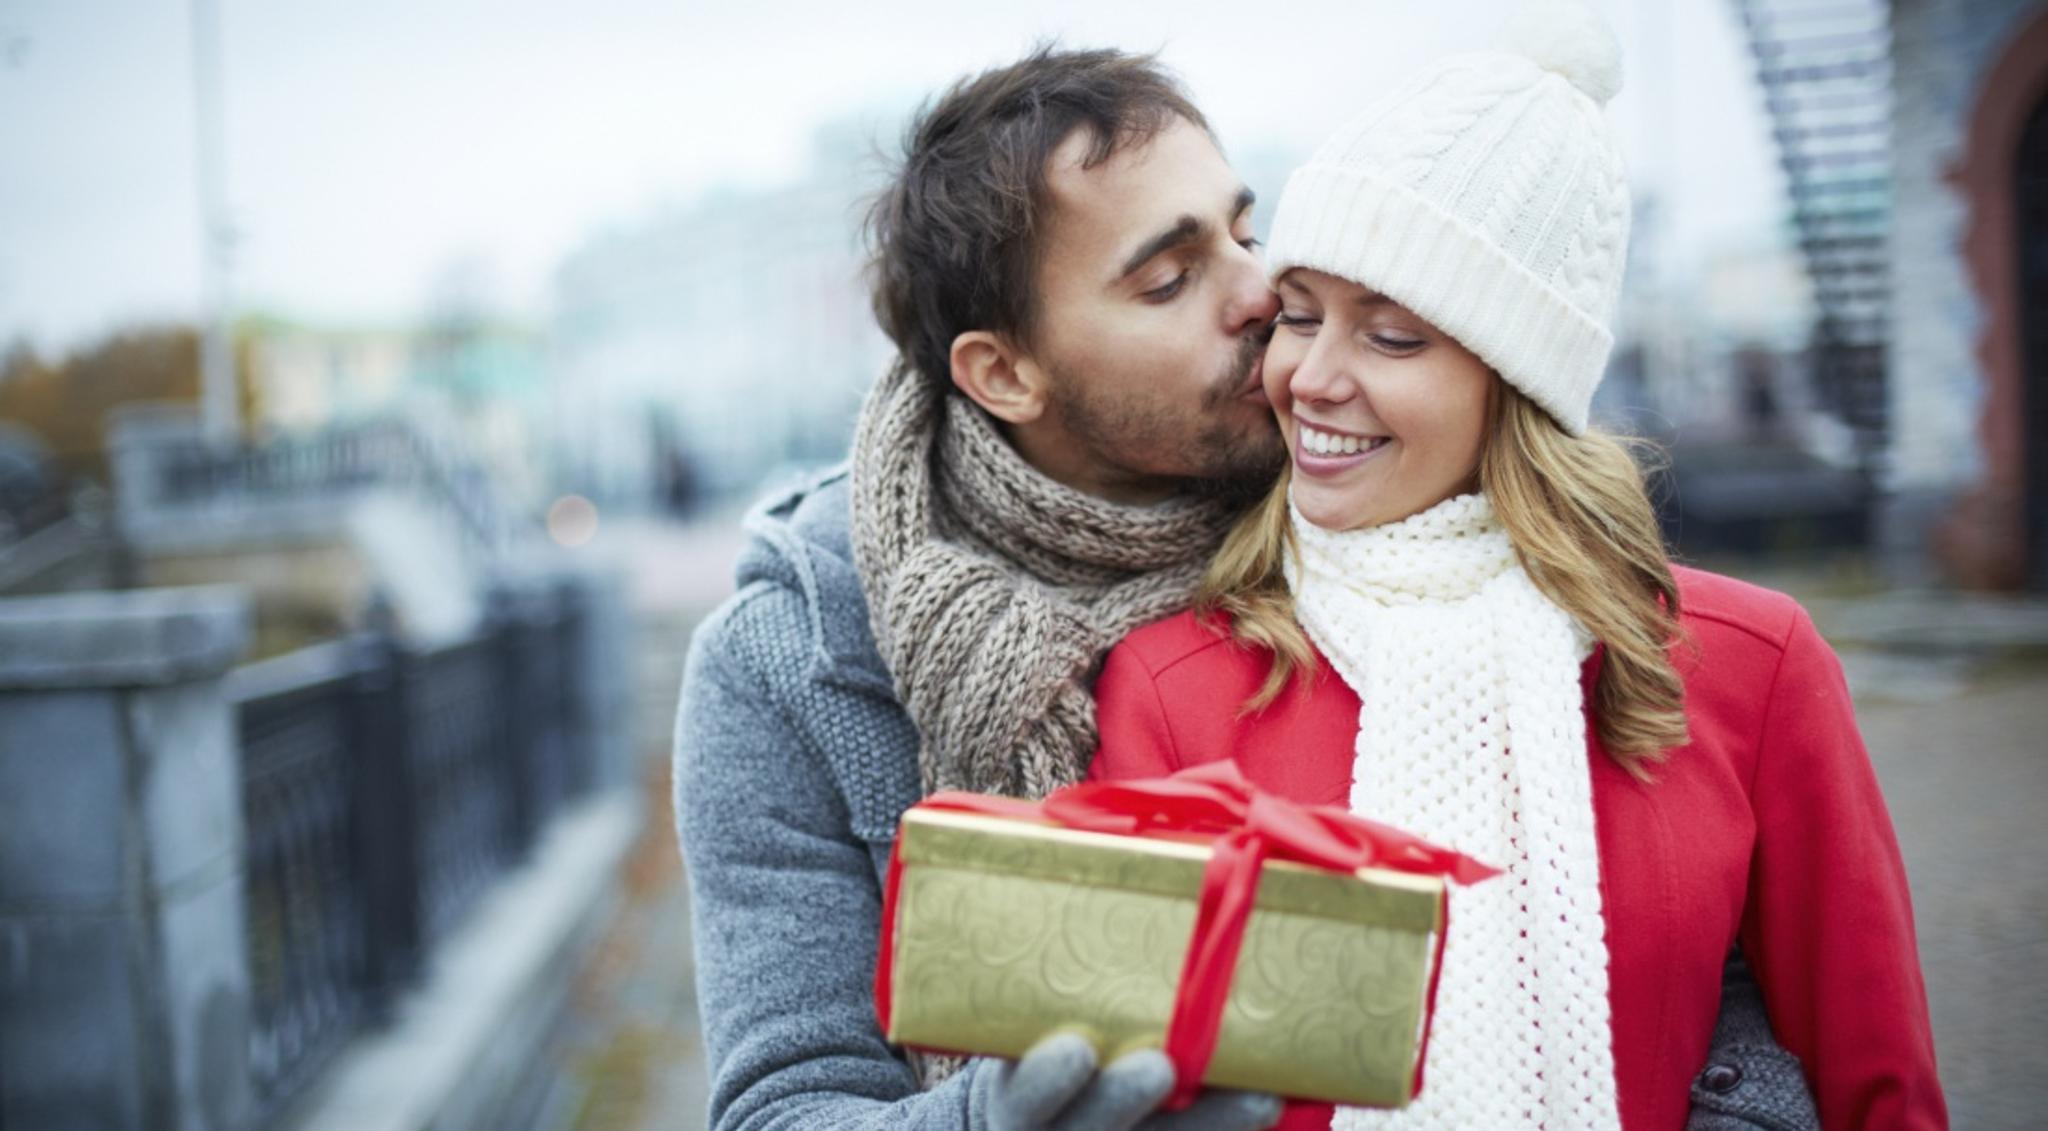 lahja ideoita vasta dating online dating sivustot meille